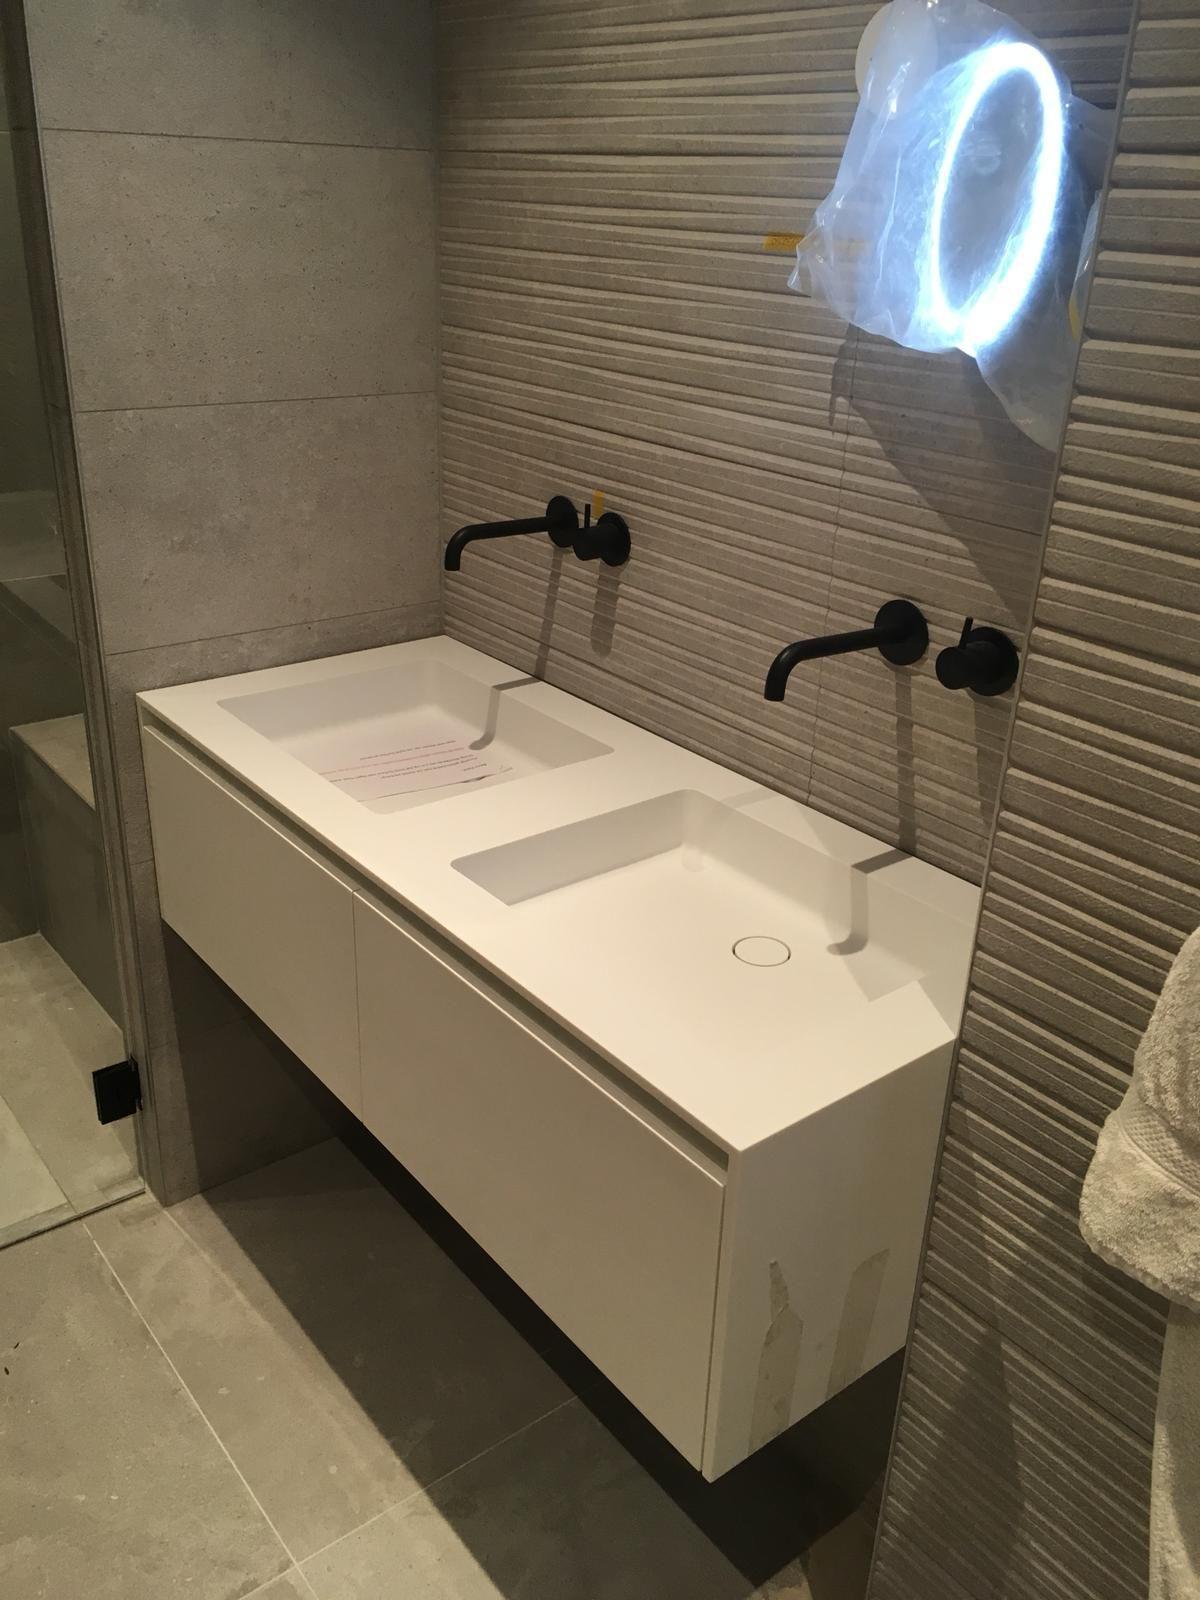 Tegelhuis Montfoort Vloertegels En Wandtegels Voor Een Scherpe Prijs Badkamer Badkamerideeën Badkamer 3d